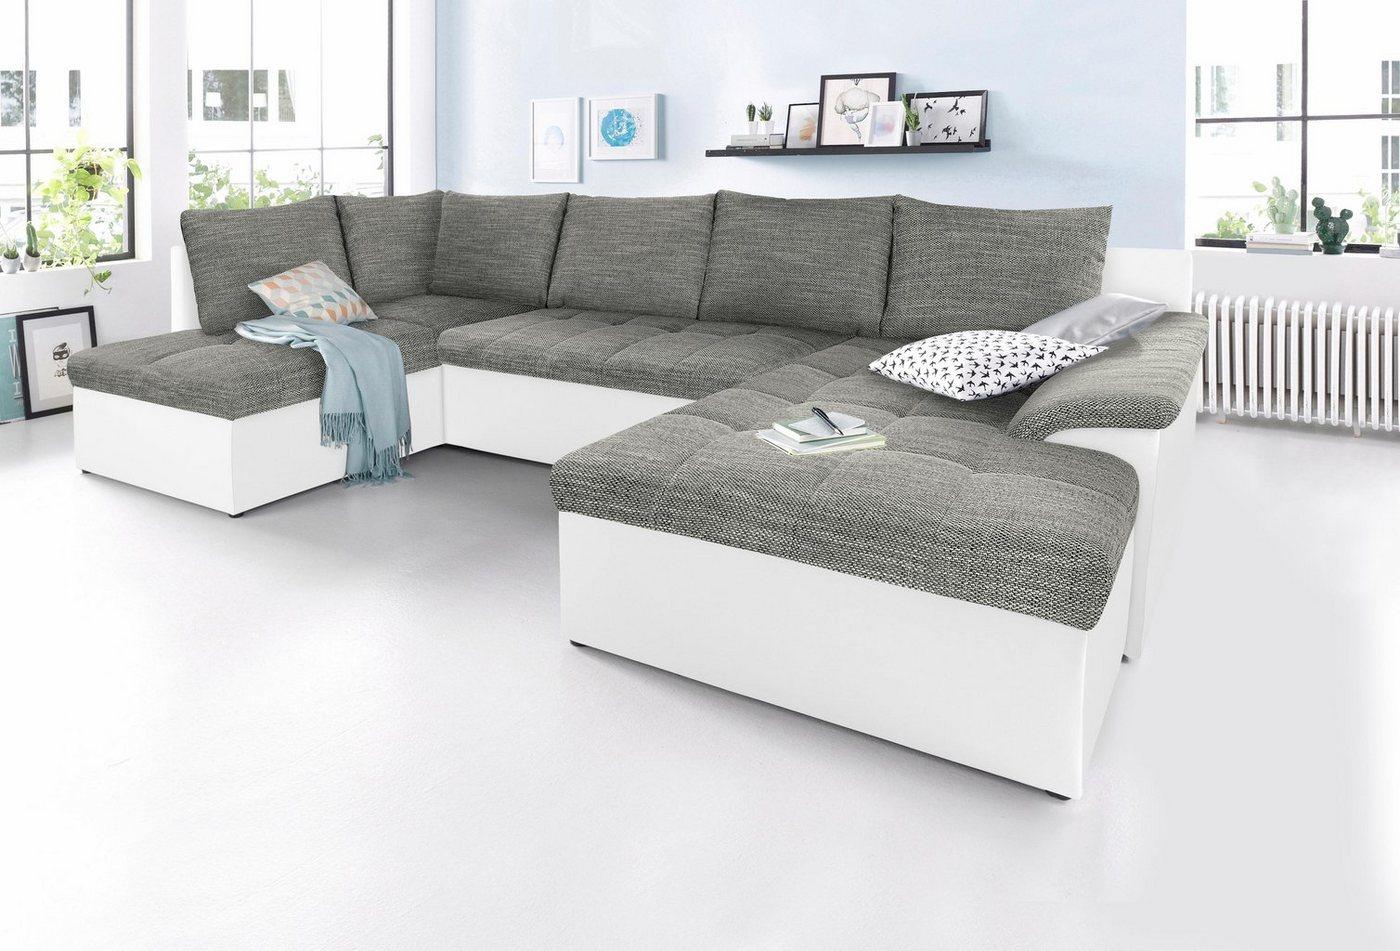 Sit & More zithoek XL, naar keuze met slaapfunctie